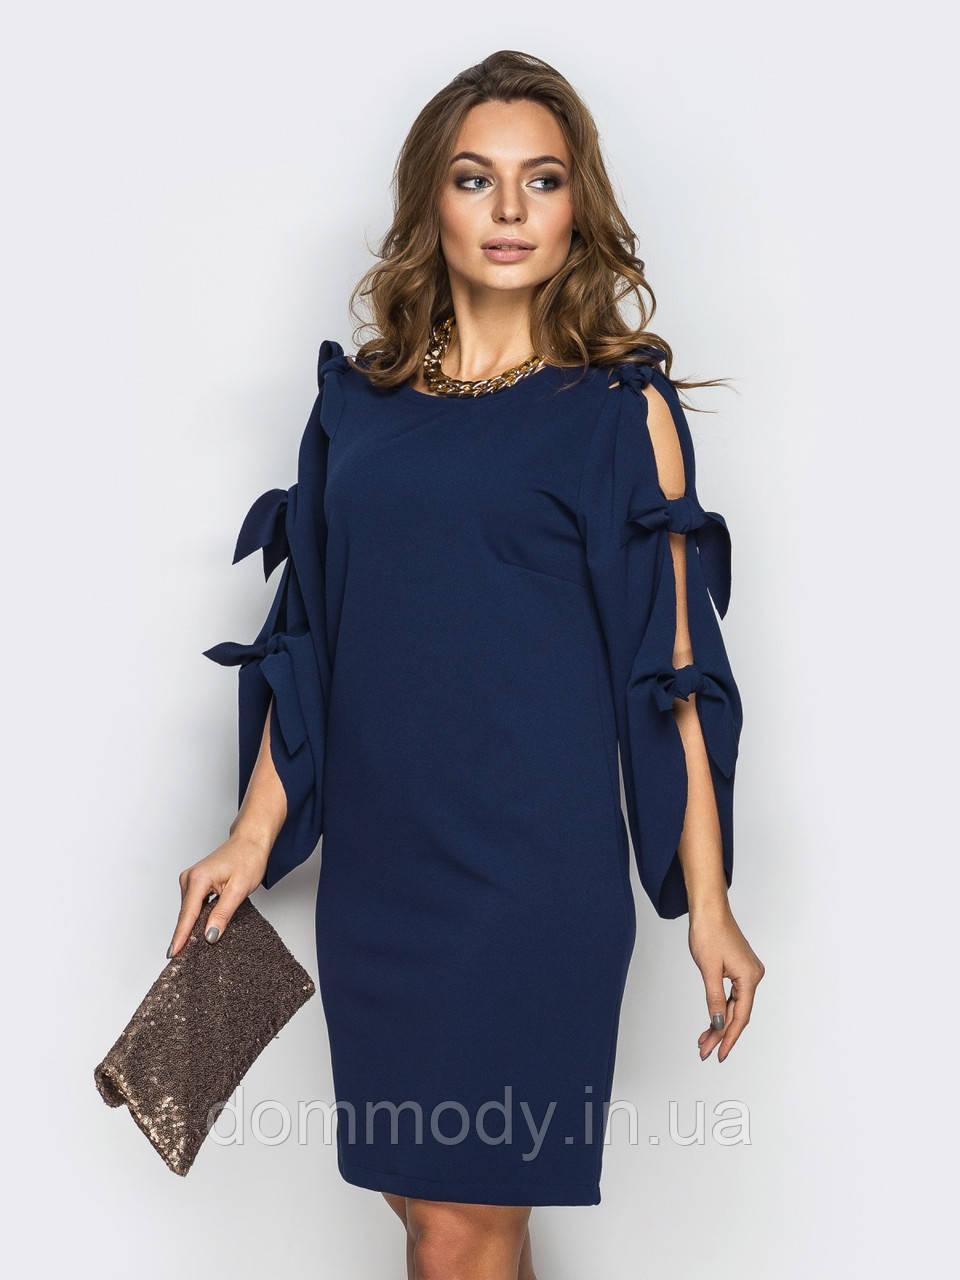 Платье женское Dana blue